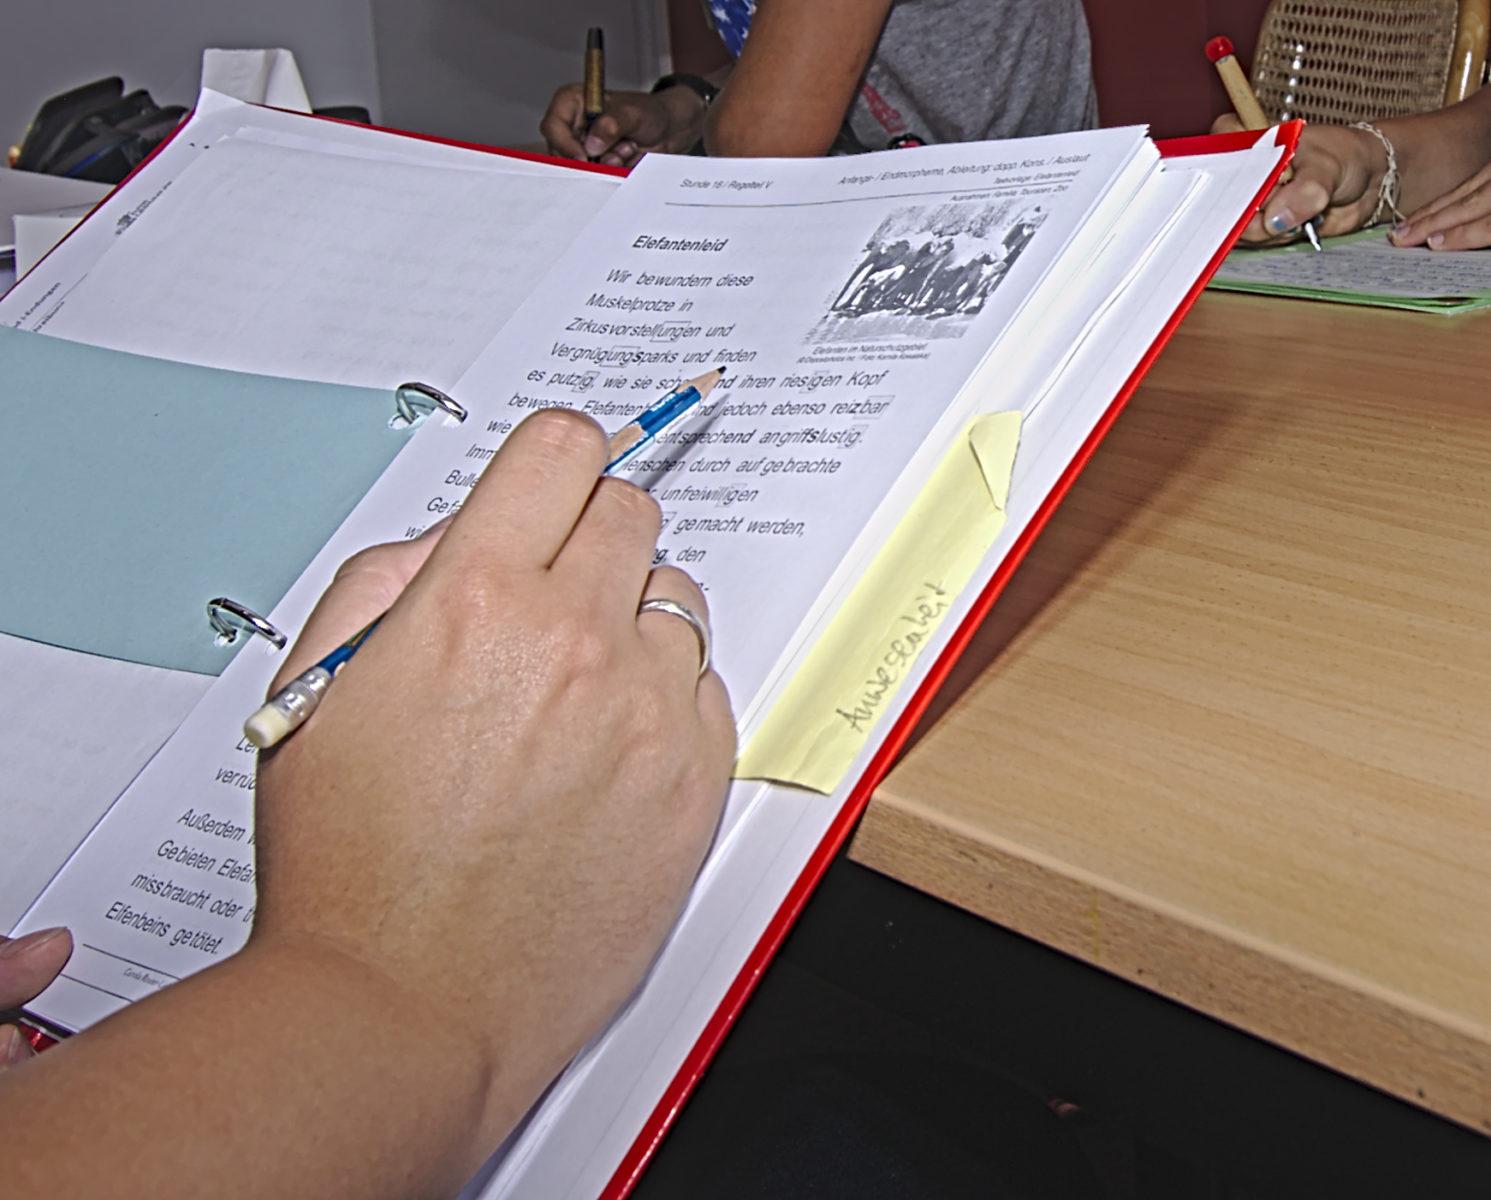 lerntherapeutischer Förderunterricht hilft bei LRS systematisch, motivierend und bringt den Kindern auch Spaß am Lernen